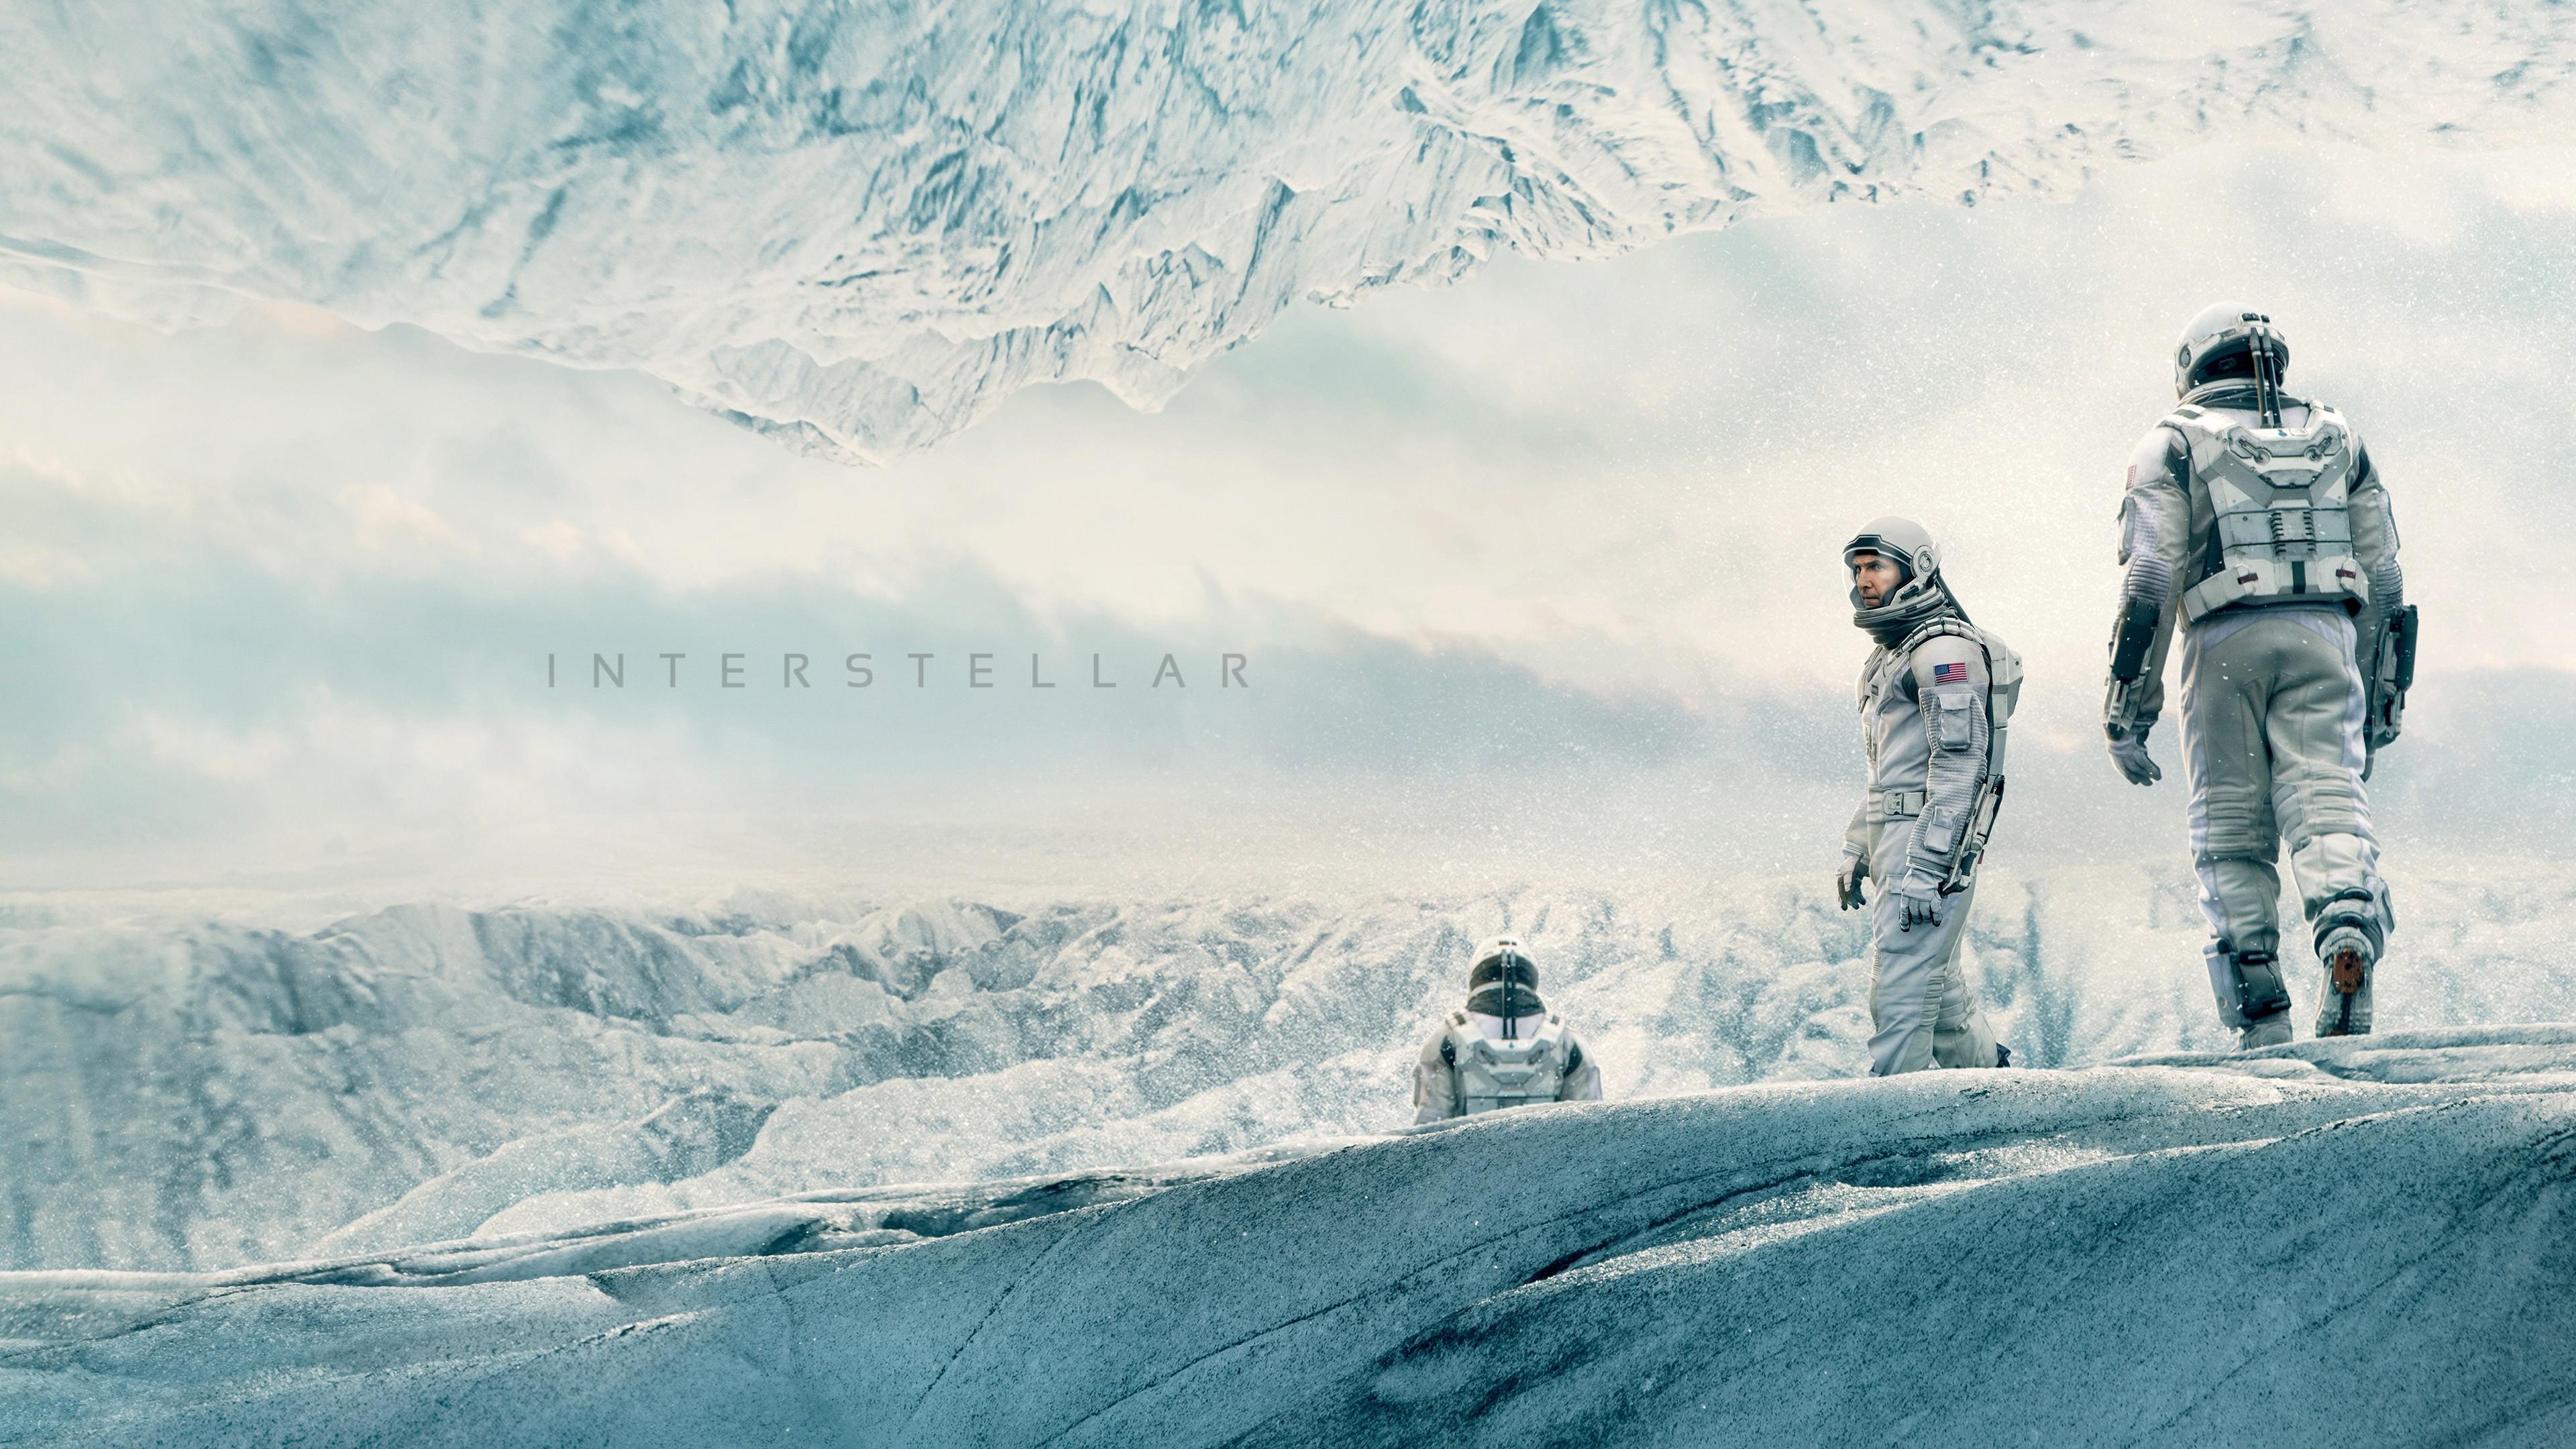 Wallpaper Interstellar...